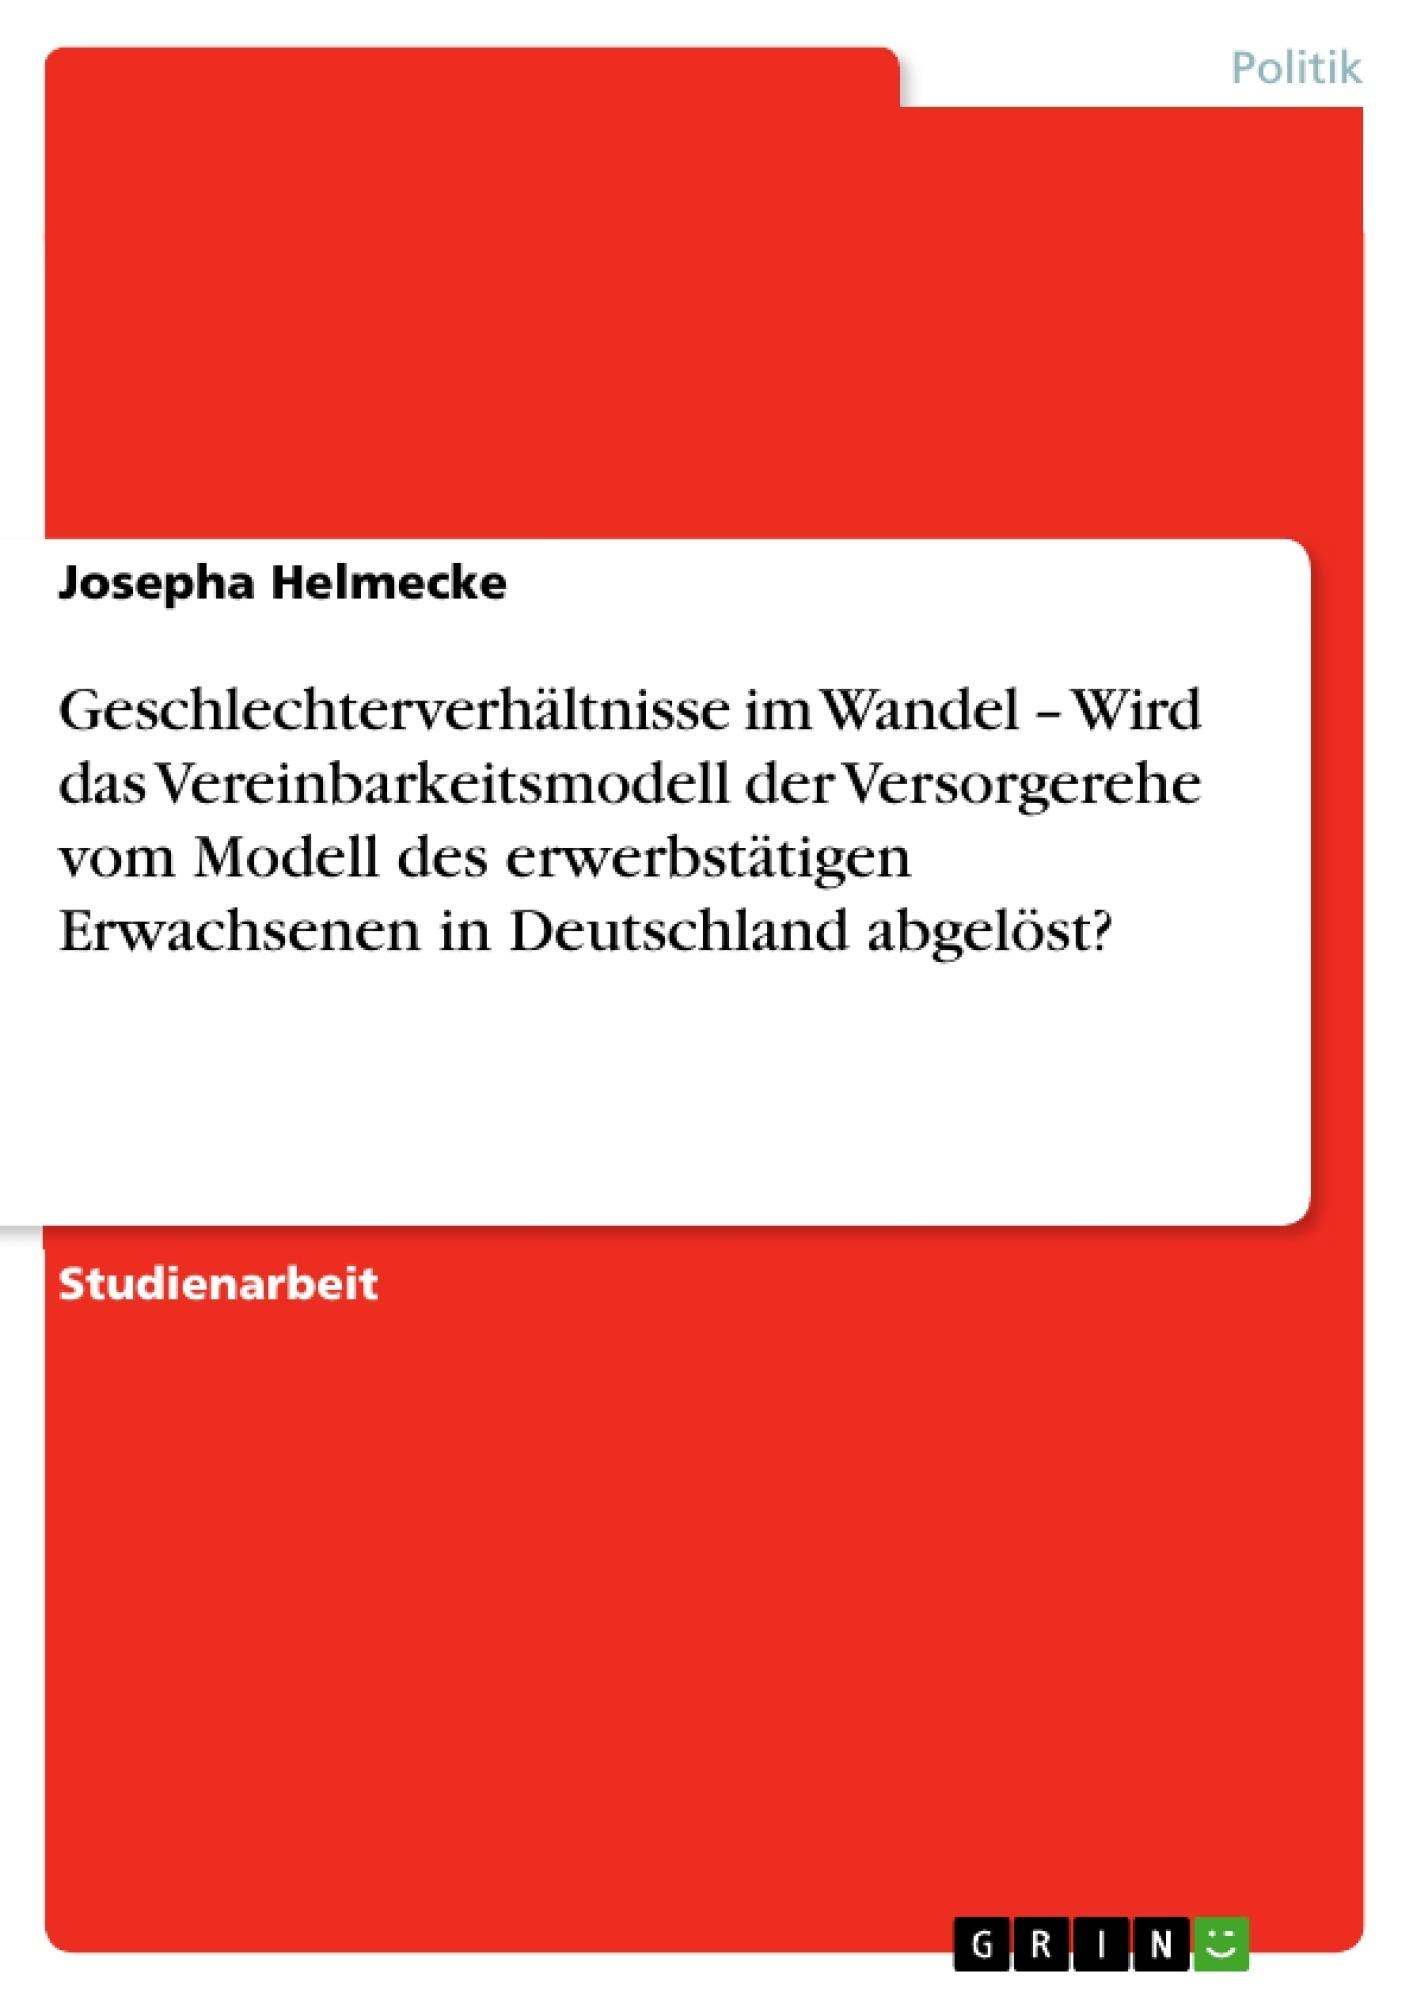 Titel: Geschlechterverhältnisse im Wandel – Wird das Vereinbarkeitsmodell der Versorgerehe vom Modell des erwerbstätigen Erwachsenen in Deutschland abgelöst?